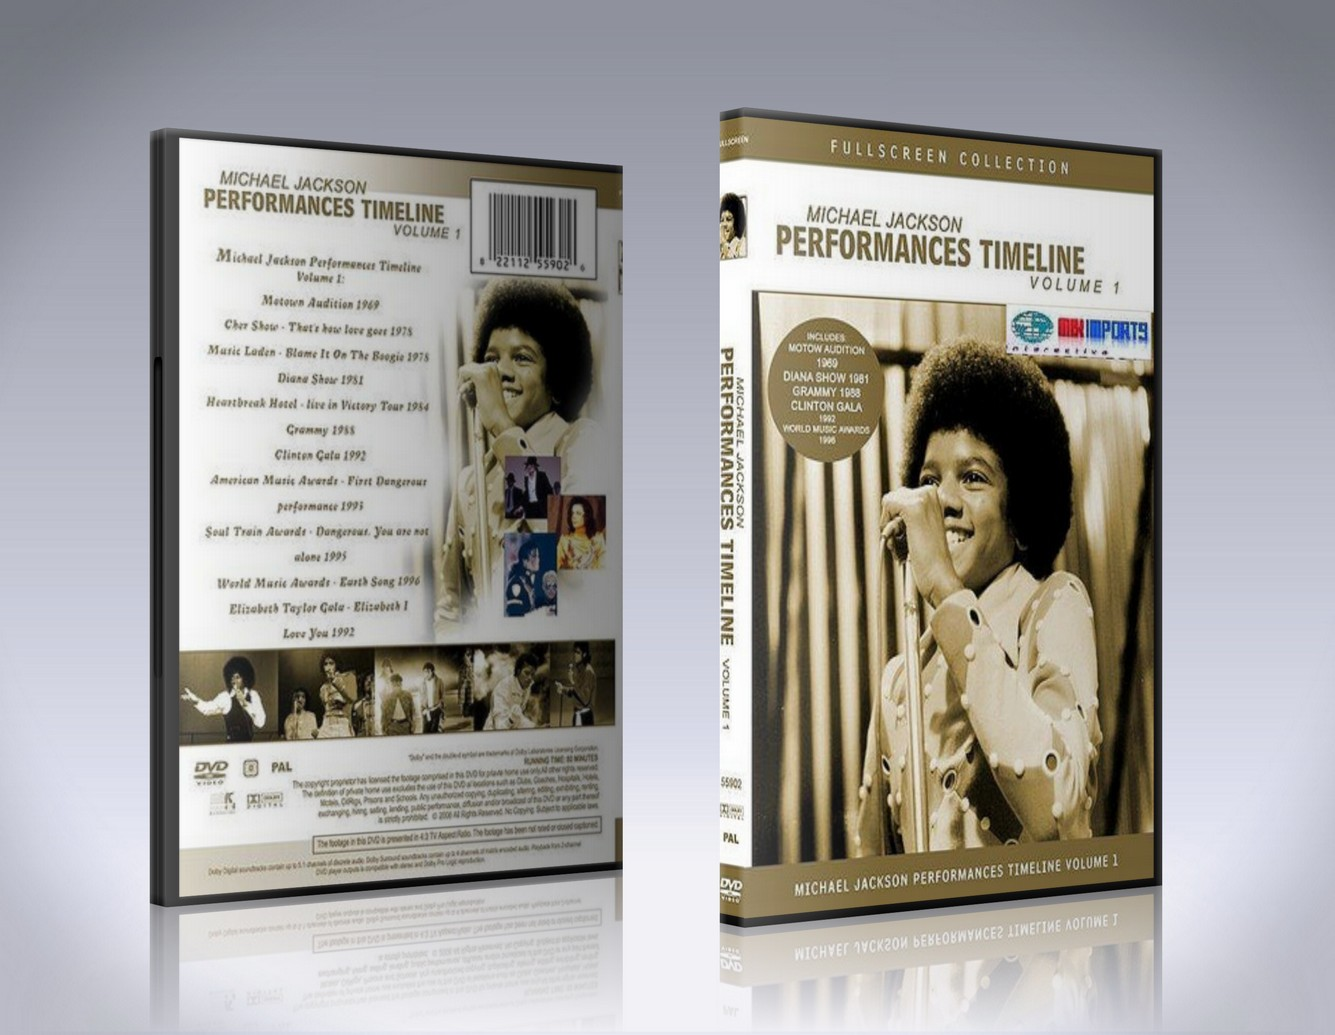 http://2.bp.blogspot.com/-6fqITxI6jRI/UJP-0UEGGuI/AAAAAAAAHqc/IDtJsRzyLFo/s1600/DVD+Show+Michael+Jackson+-+Performances+Timeline+Vol.1.jpg